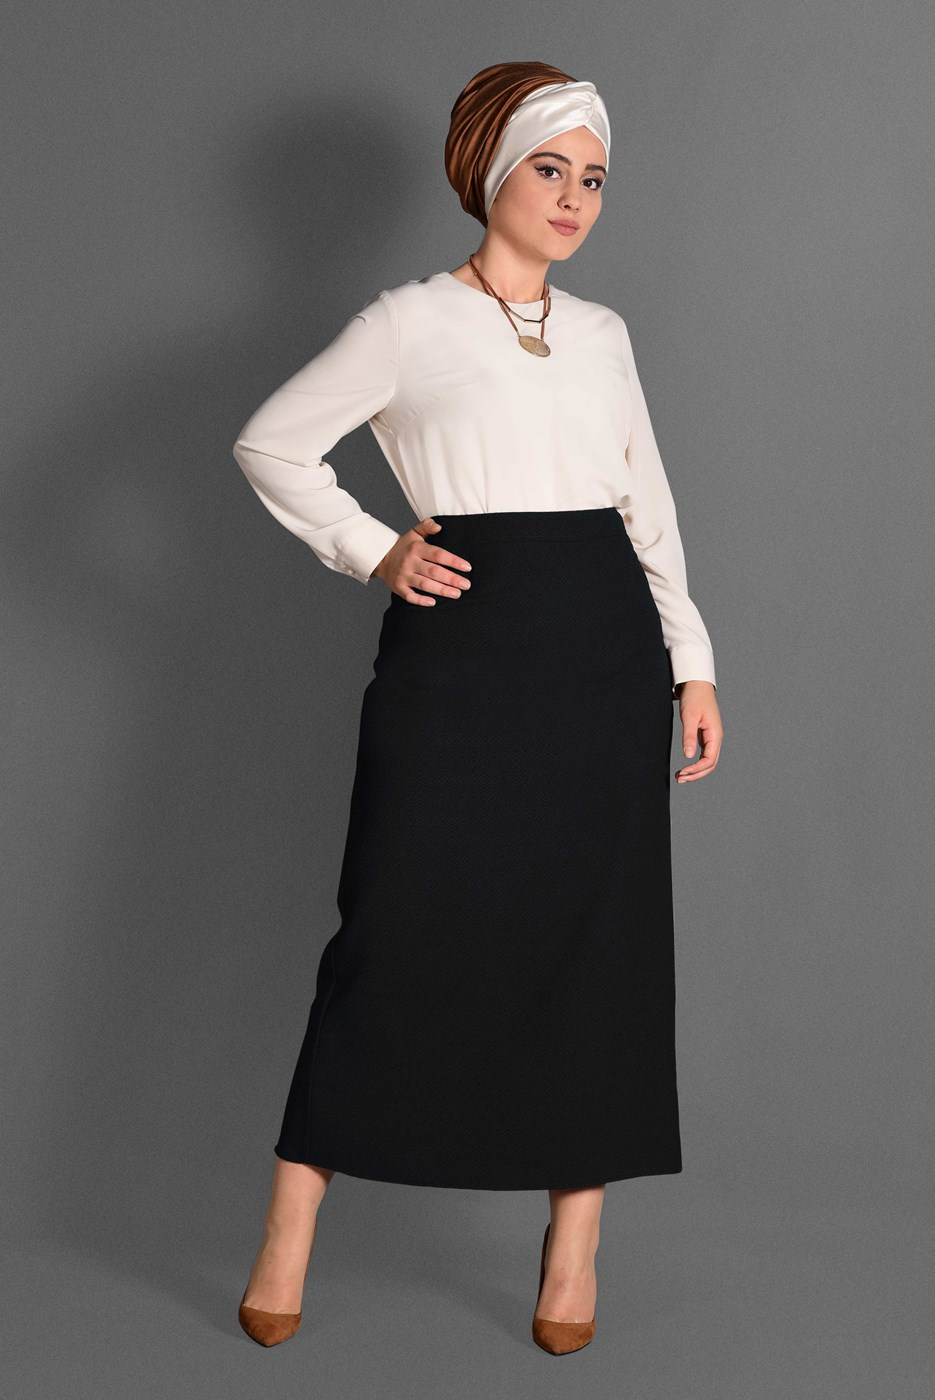 Femelle NOIR T 6064 Nazenin 9008 Etek-Alv Fashion